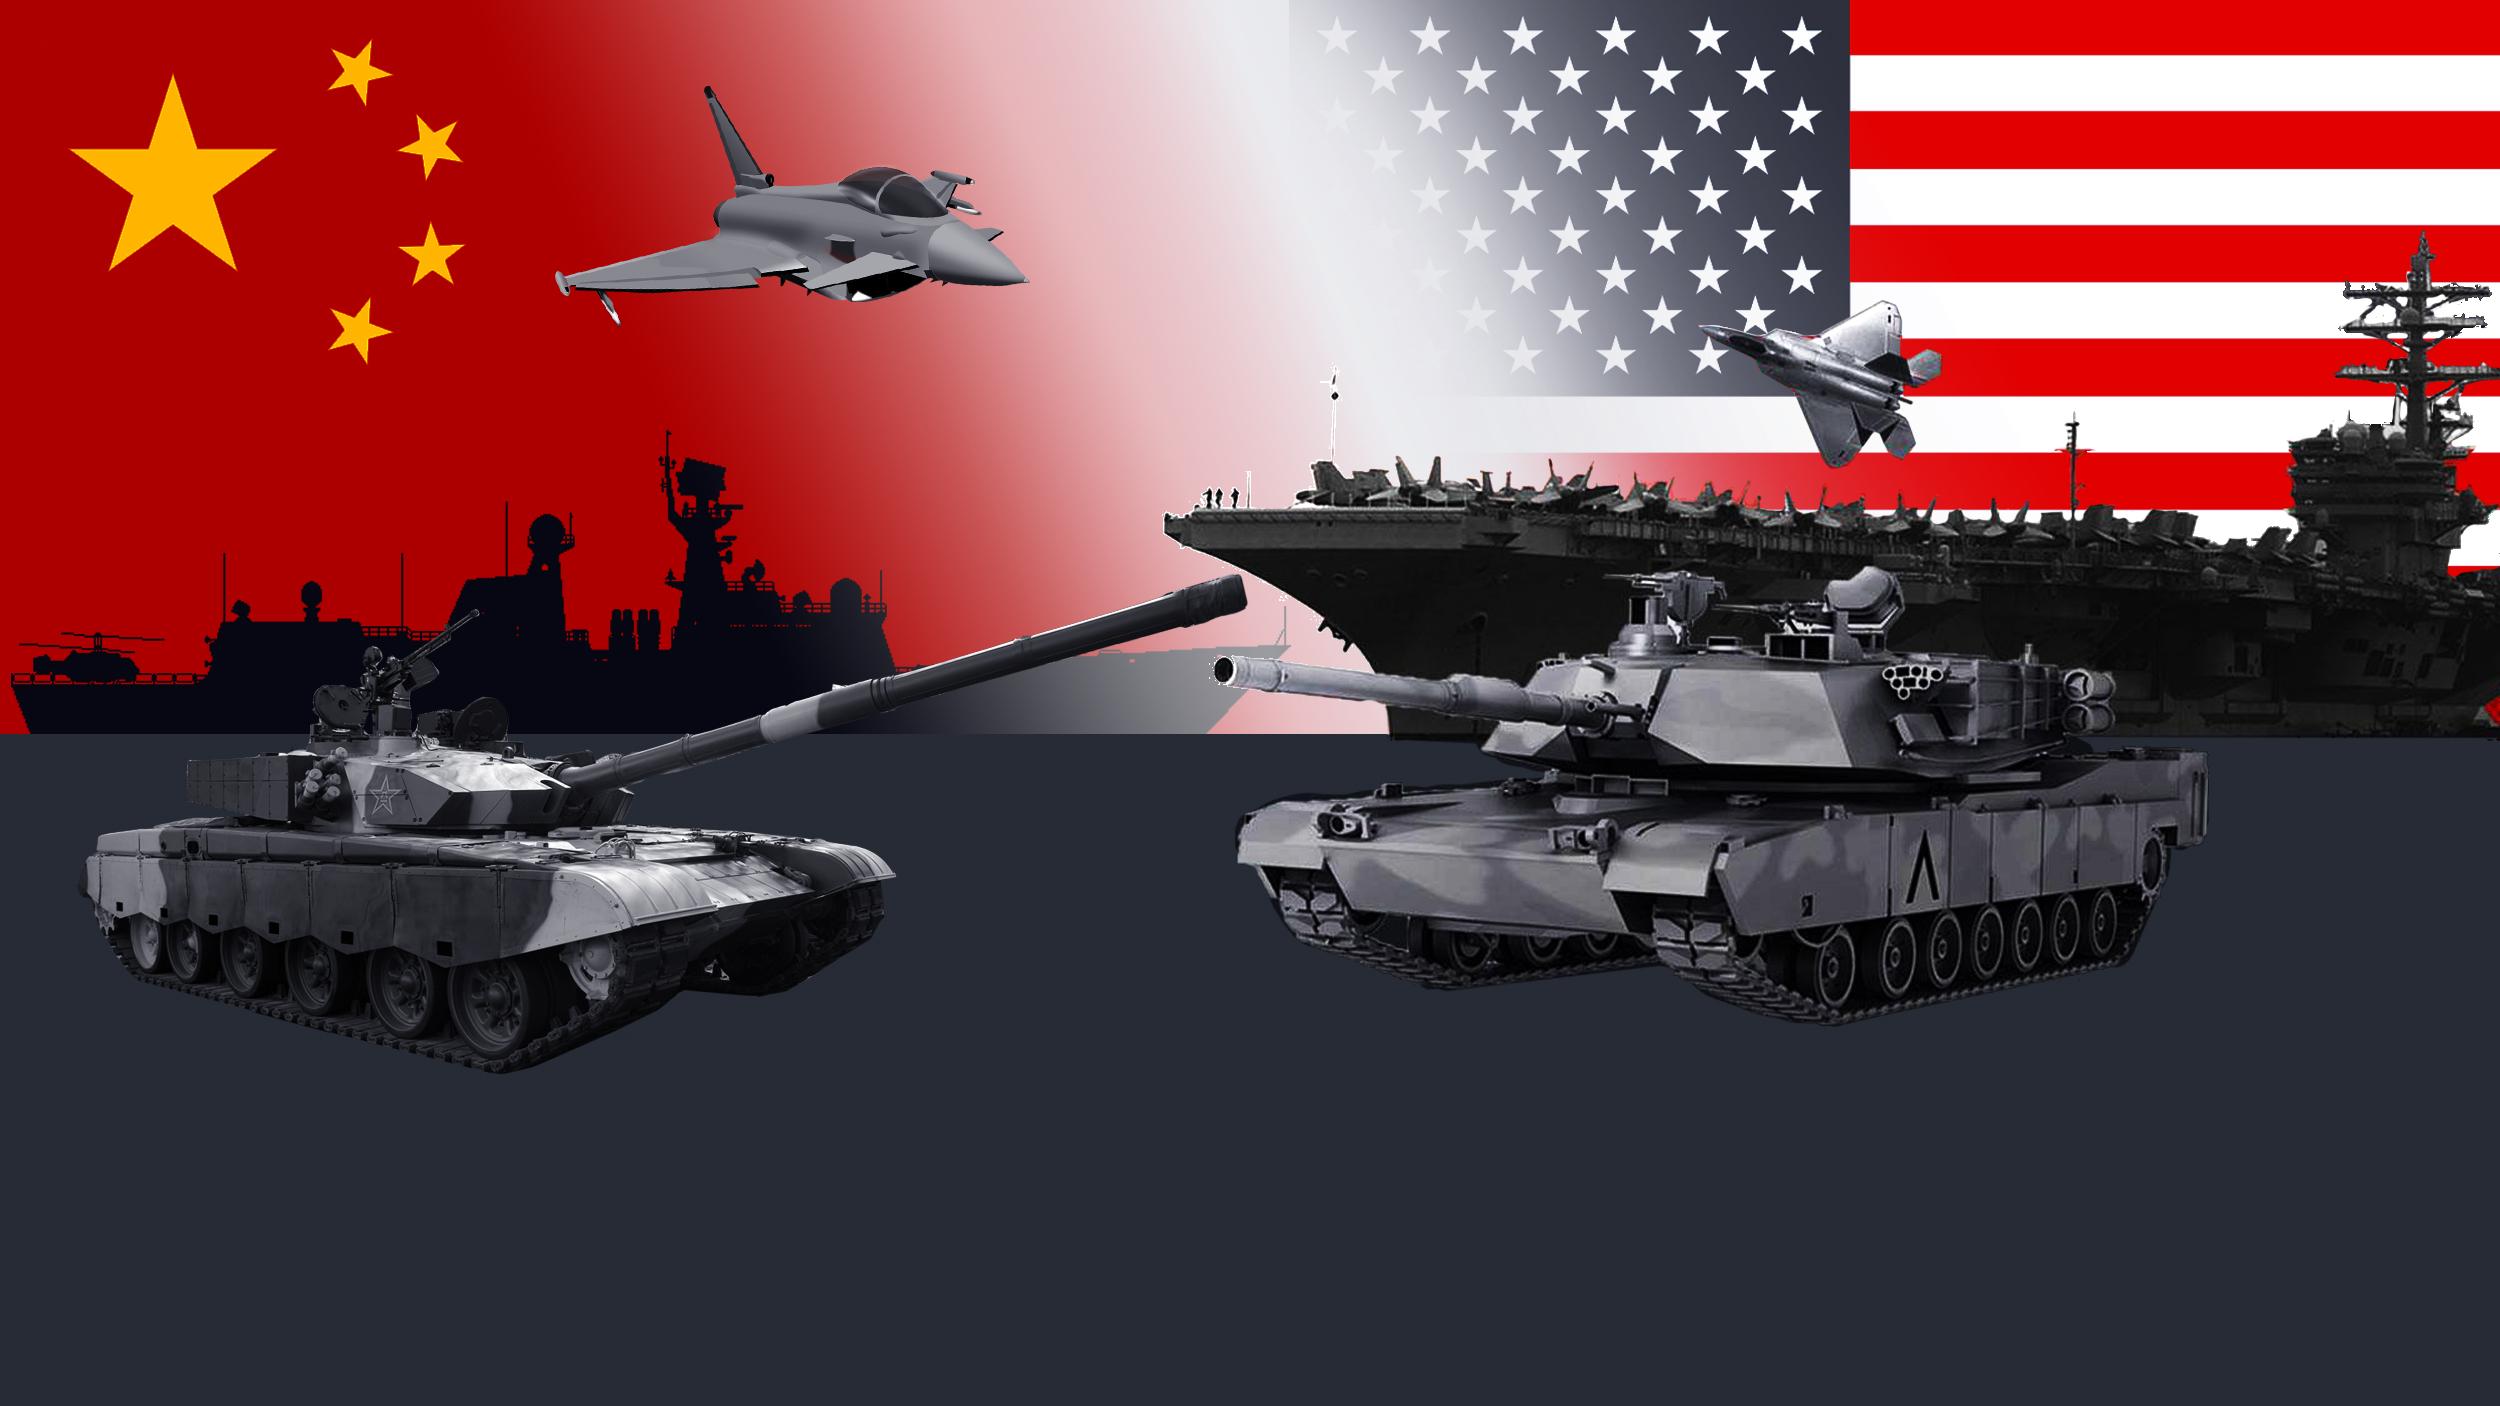 Запахло войной: сравним армии США и Китая на случай мирового конфликта